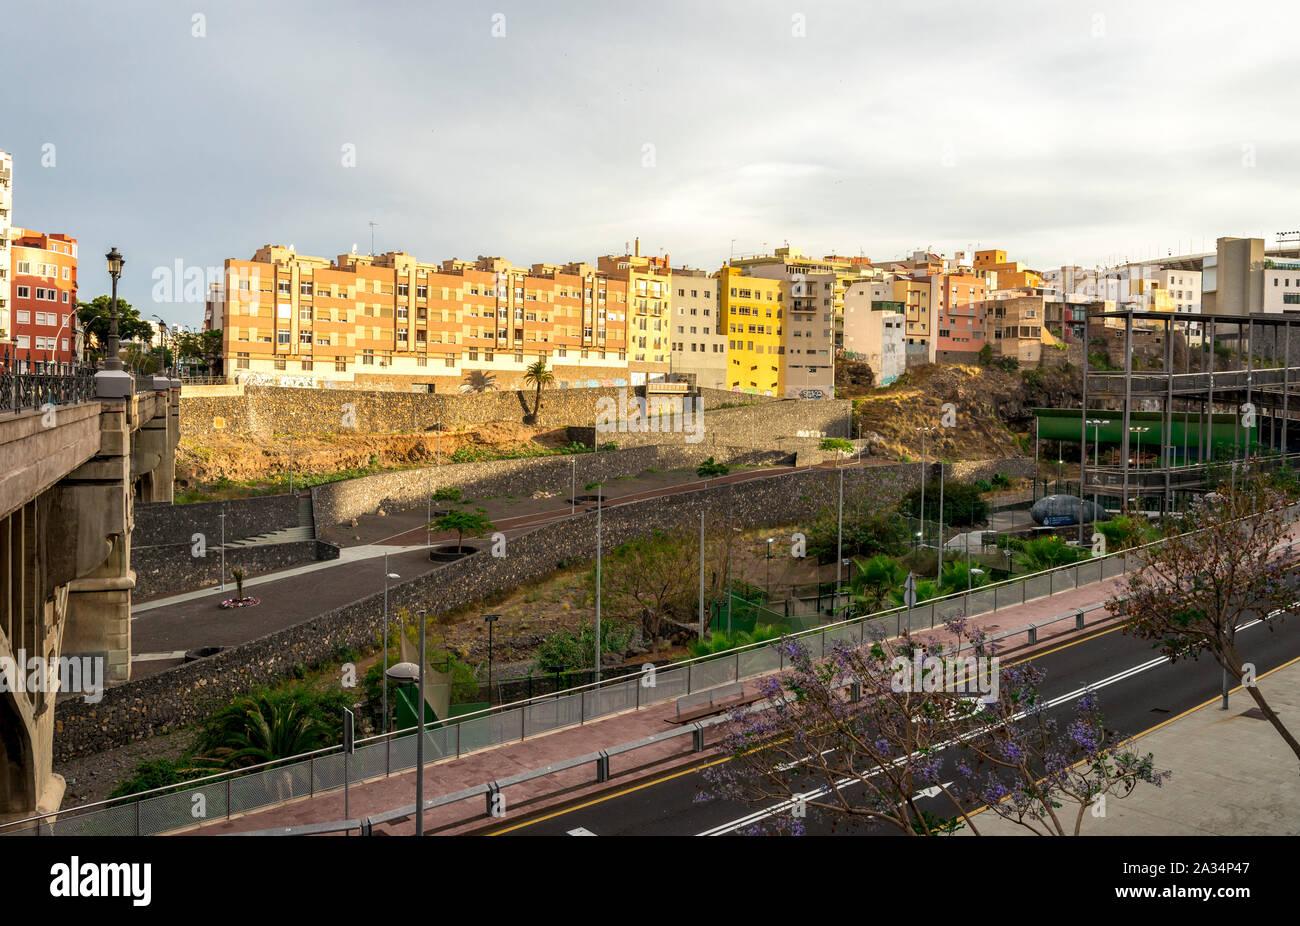 Ein Blick von der Brücke über den Barranco de Santos mit dem Teilen der Innenstadt von Santa Cruz de Tenerife, Kanarische Inseln, Spanien Stockfoto